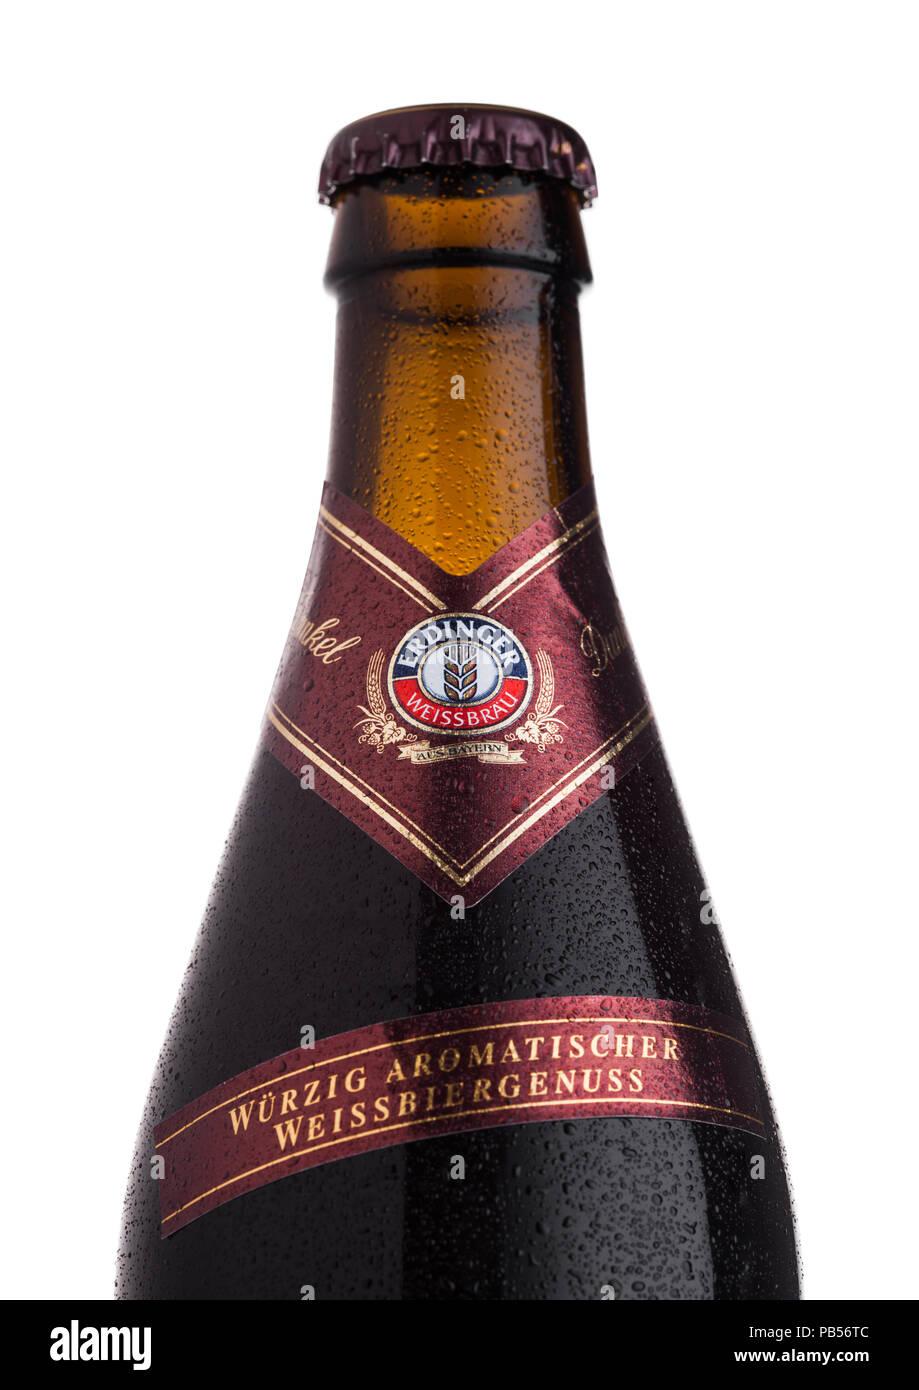 LONDON, UK, 28. JULI 2018: Flasche Erdinger Dunkel Bier auf einem weißen Hintergrund. Erdinger ist das Produkt der weltweit größten Weißbierbrauerei. Stockbild